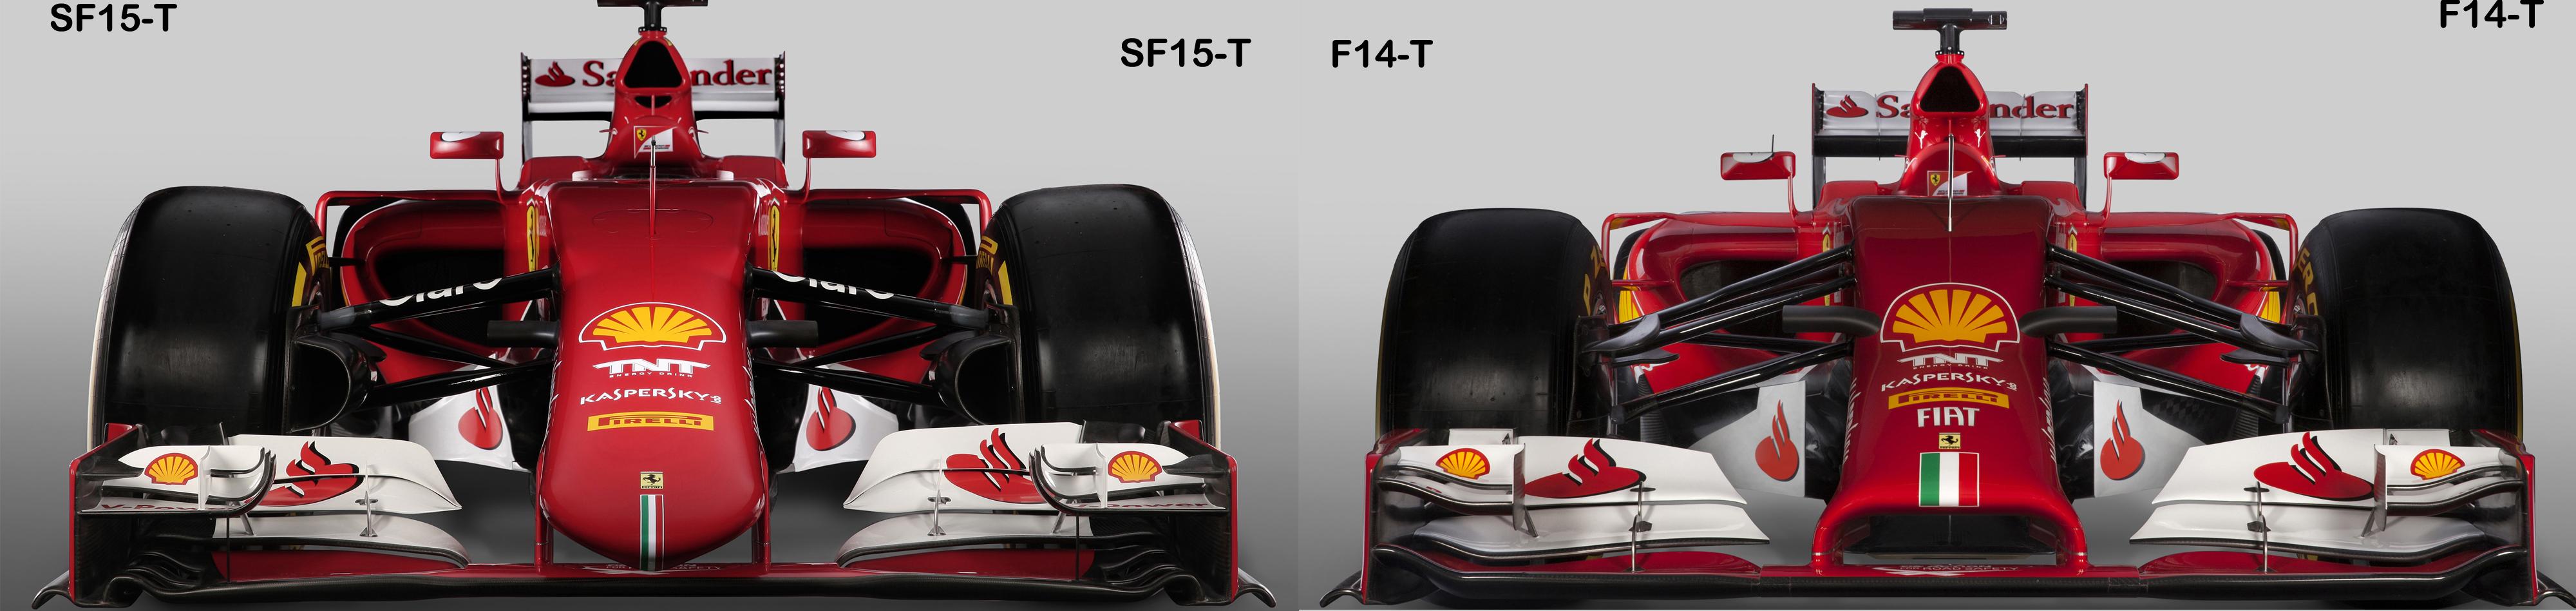 SF15-T-vs-F14T-front